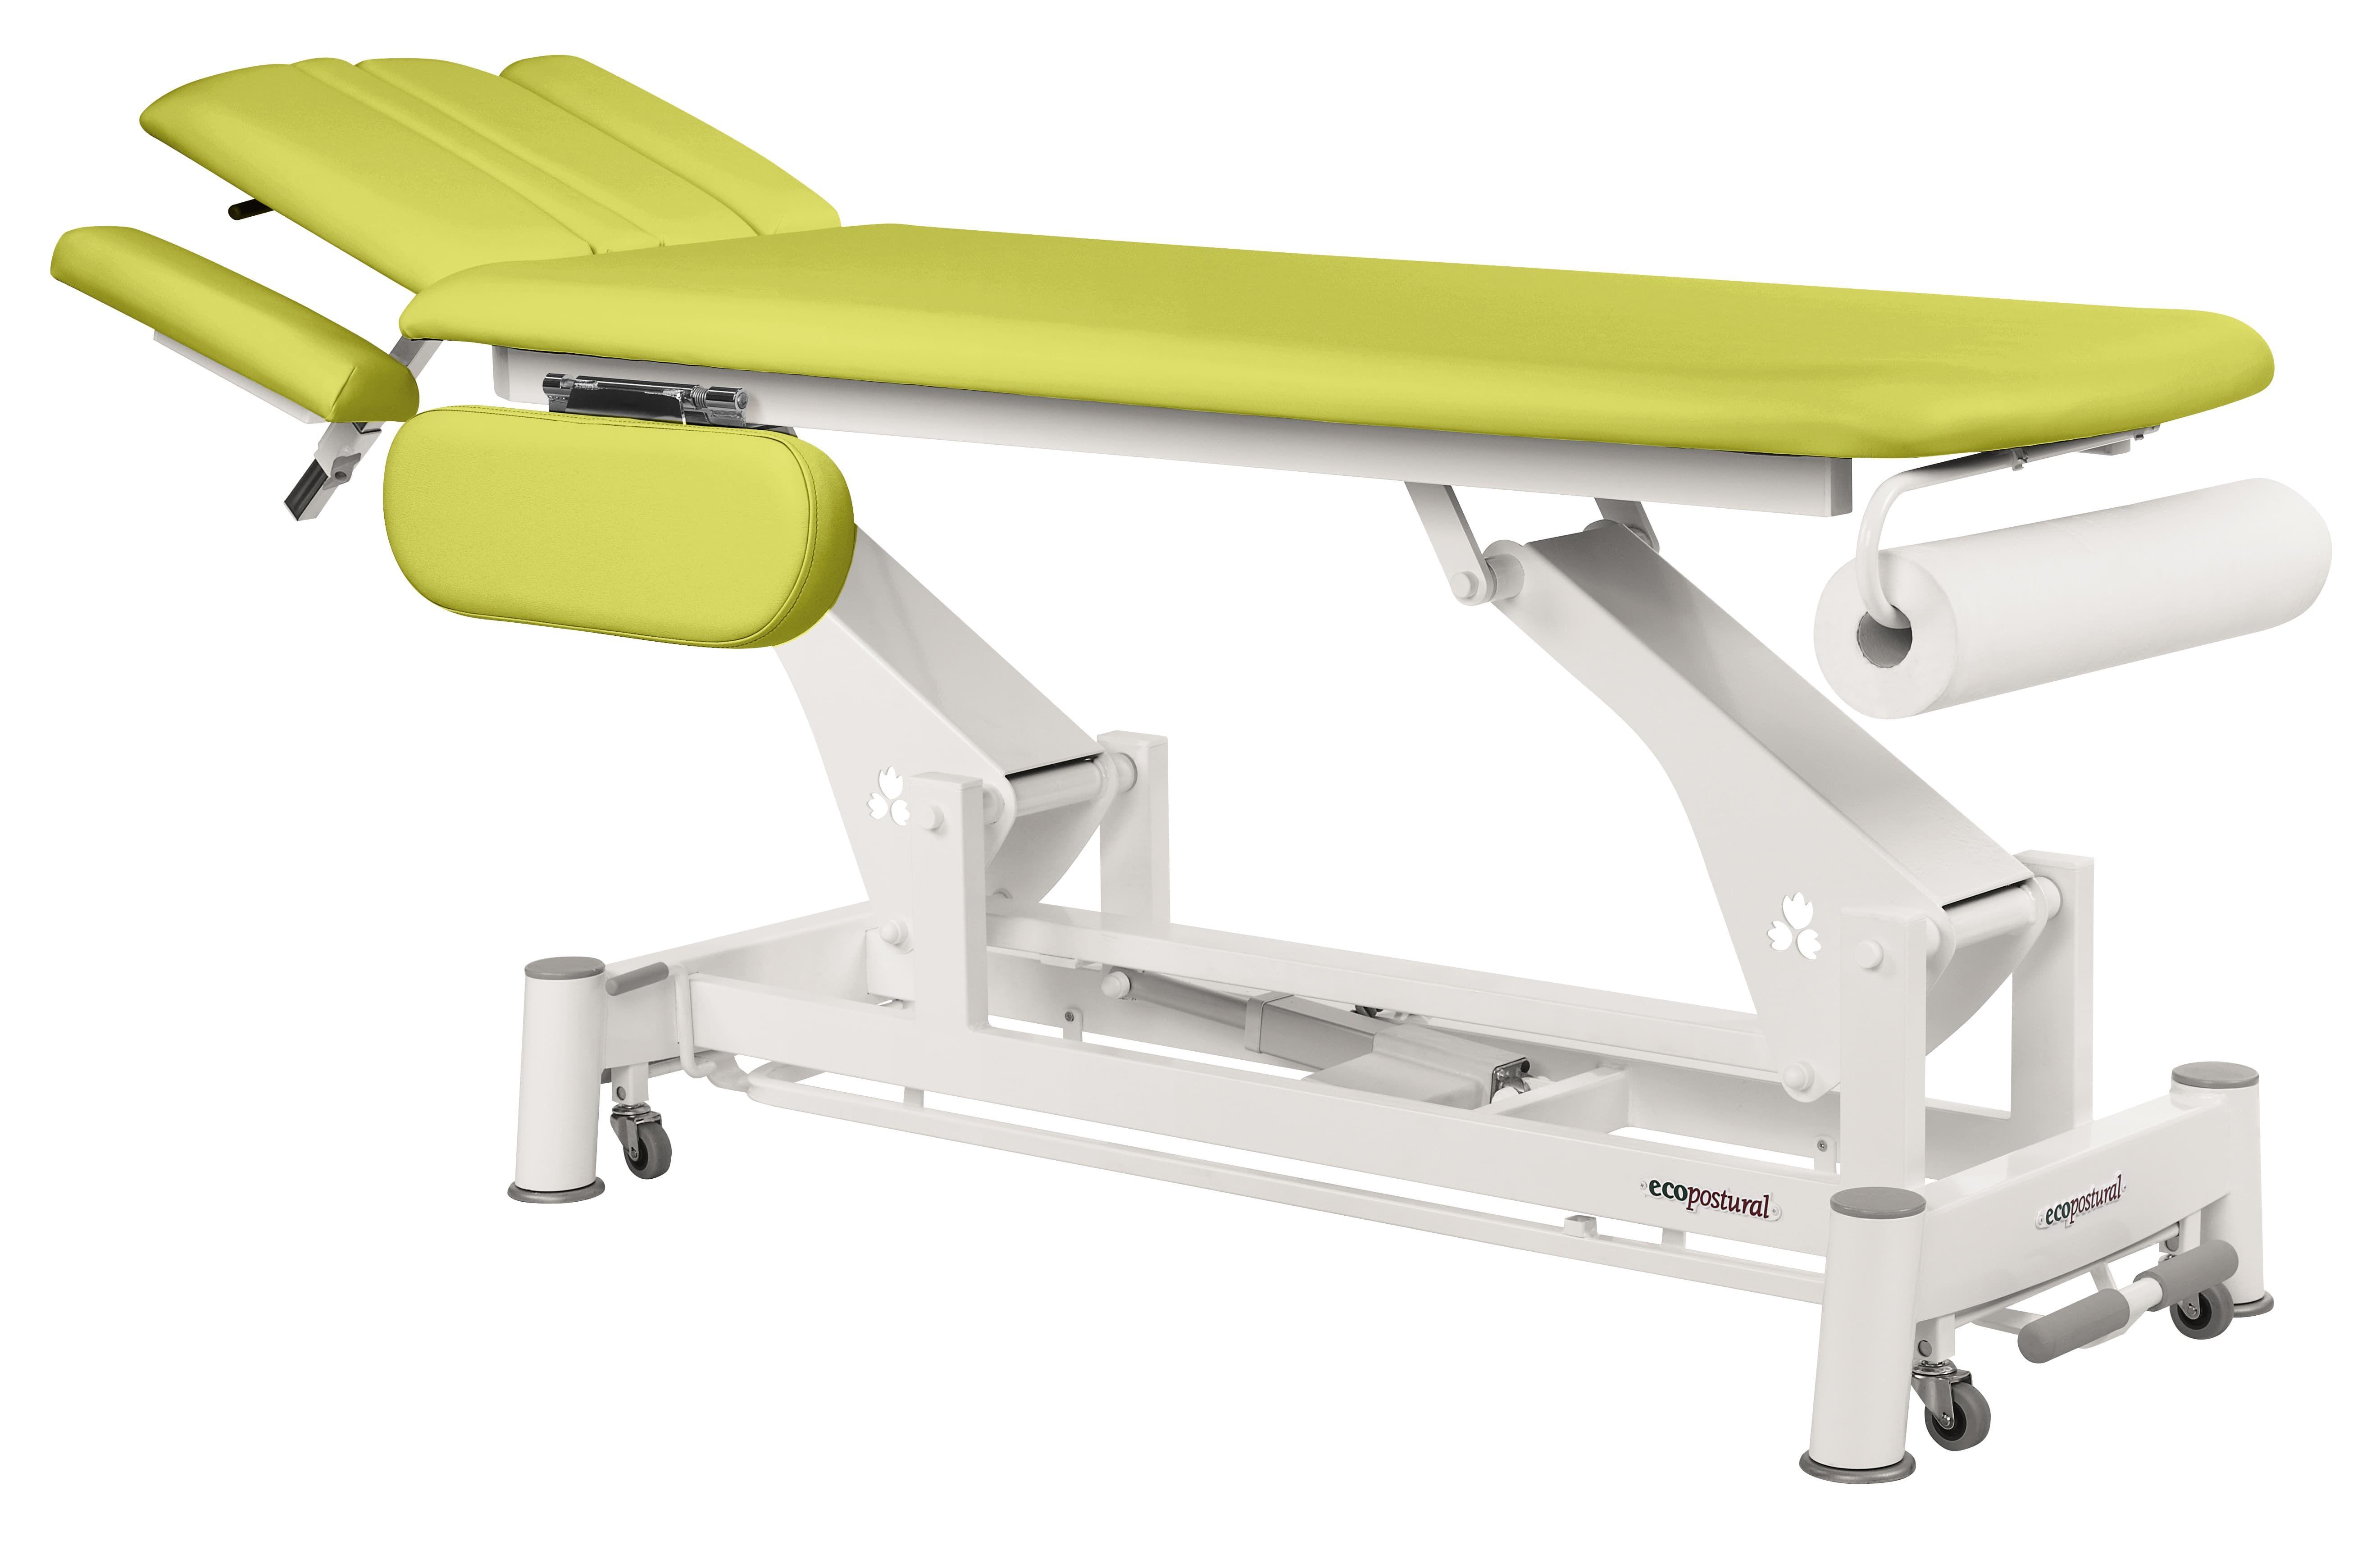 Table de massage électrique ostéo avec accoudoirs Ecopostural C6